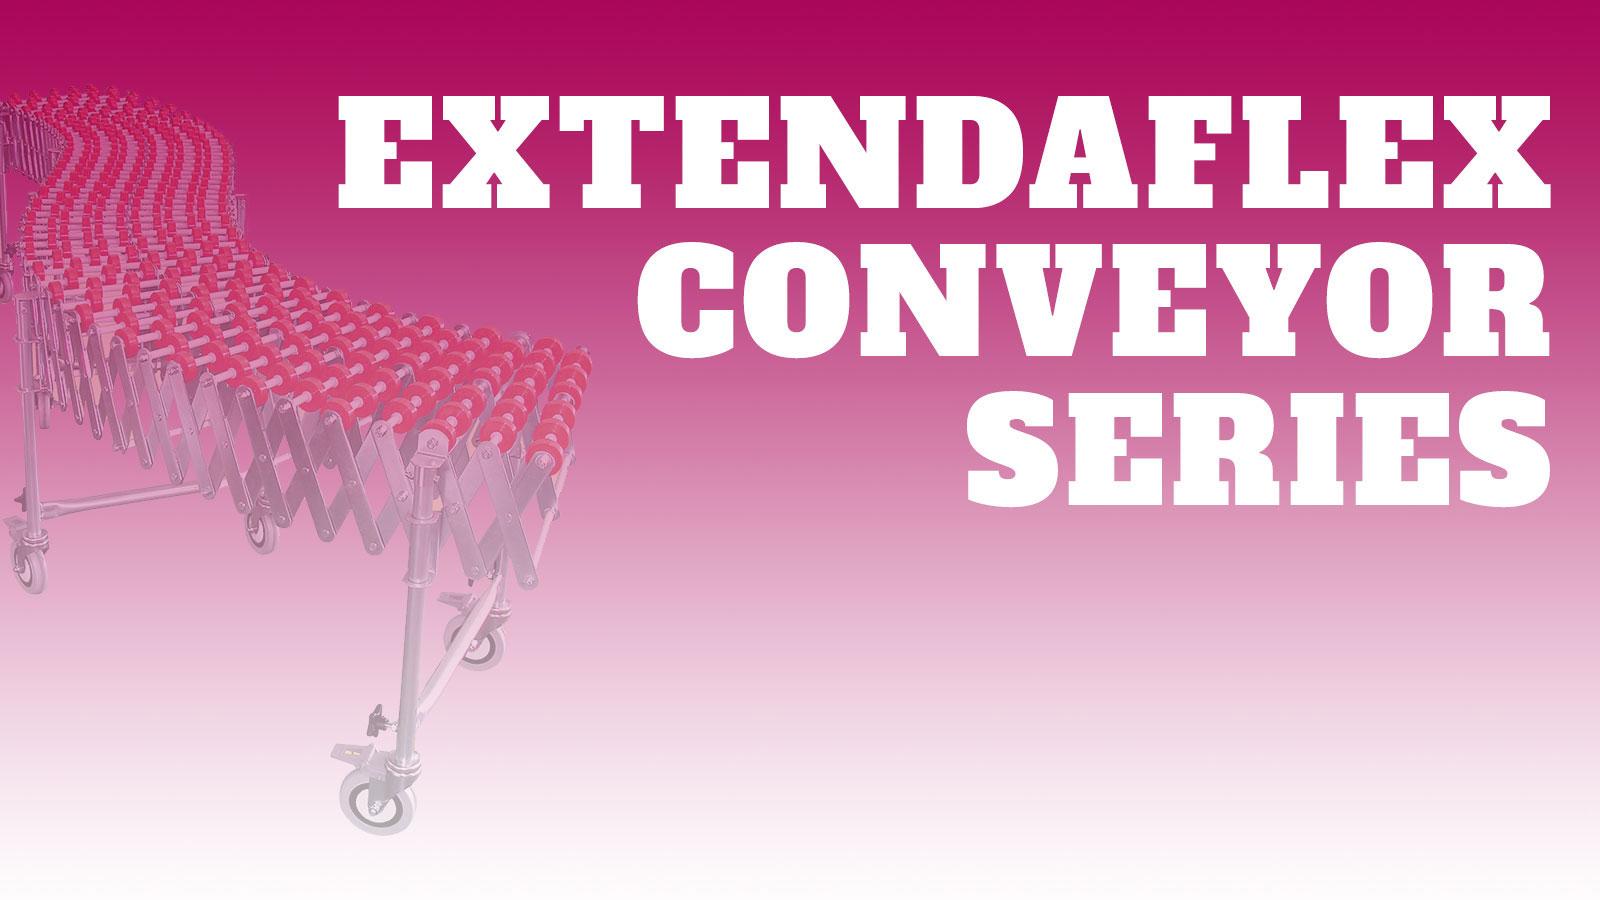 Conveyor-Extendaflex